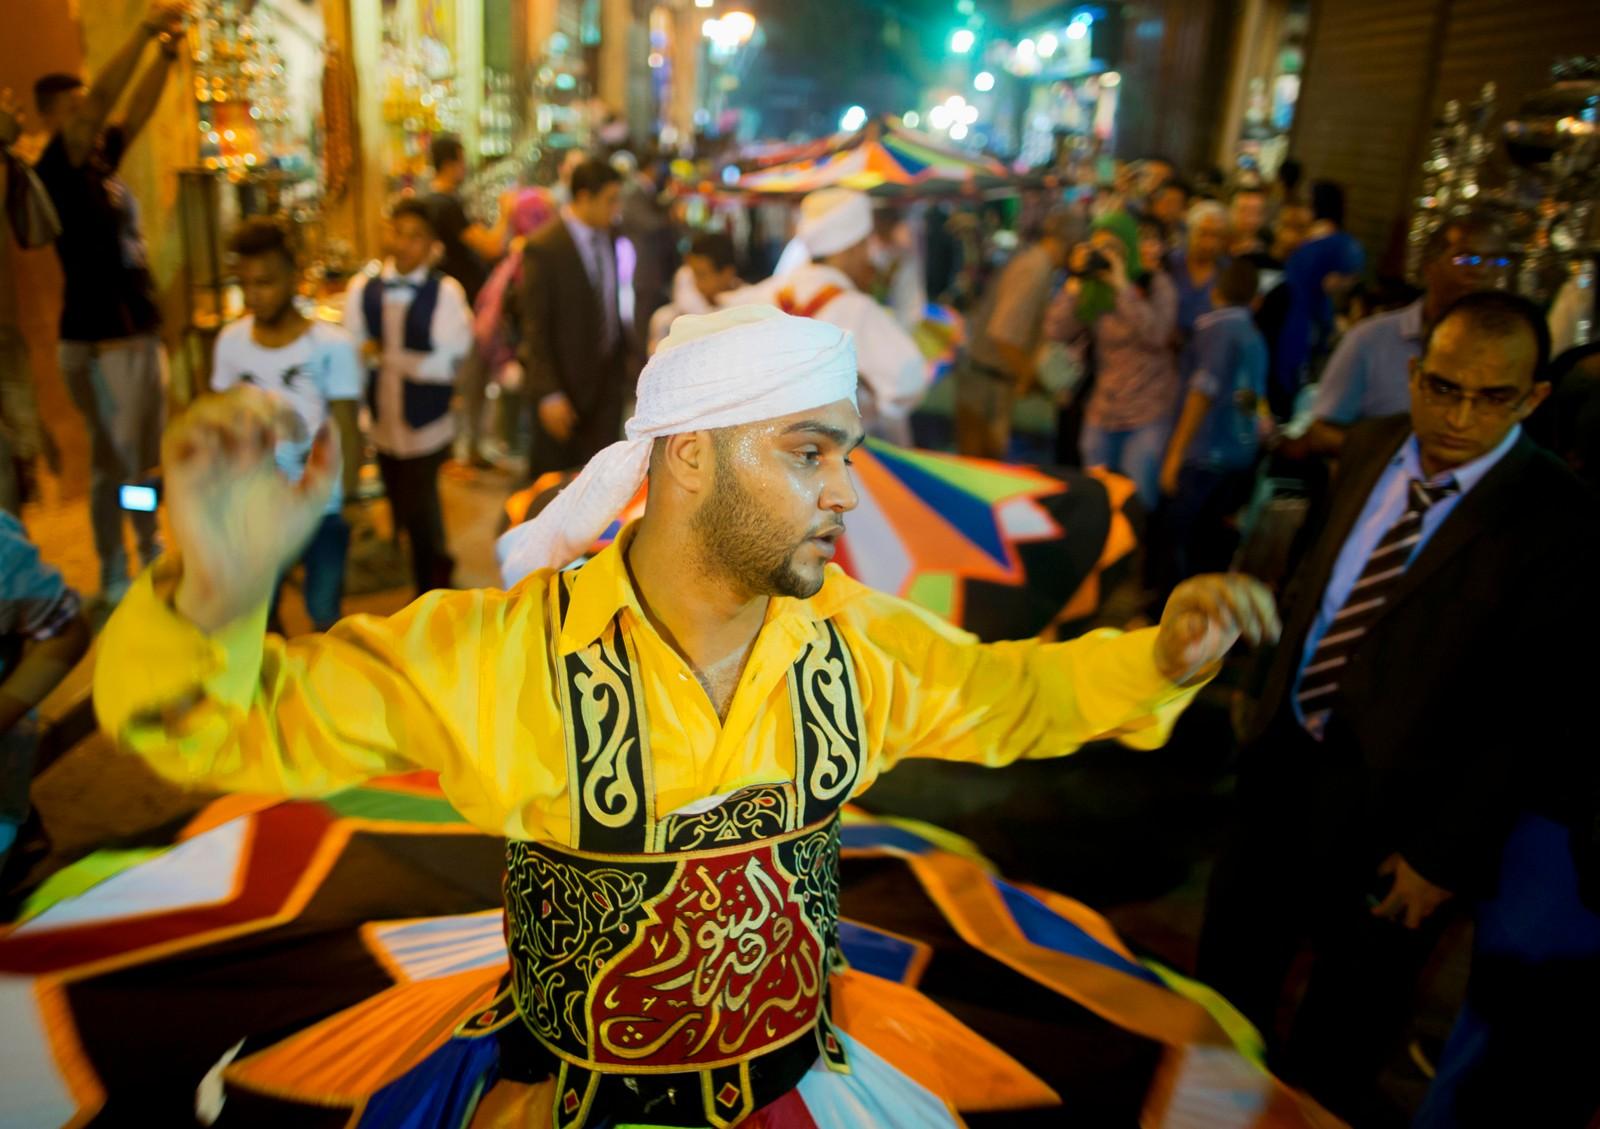 Feiringen av ramadan ble innledet søndg kveld i Fatimid-strøket i Kairo i Egypt med dans og musikk.